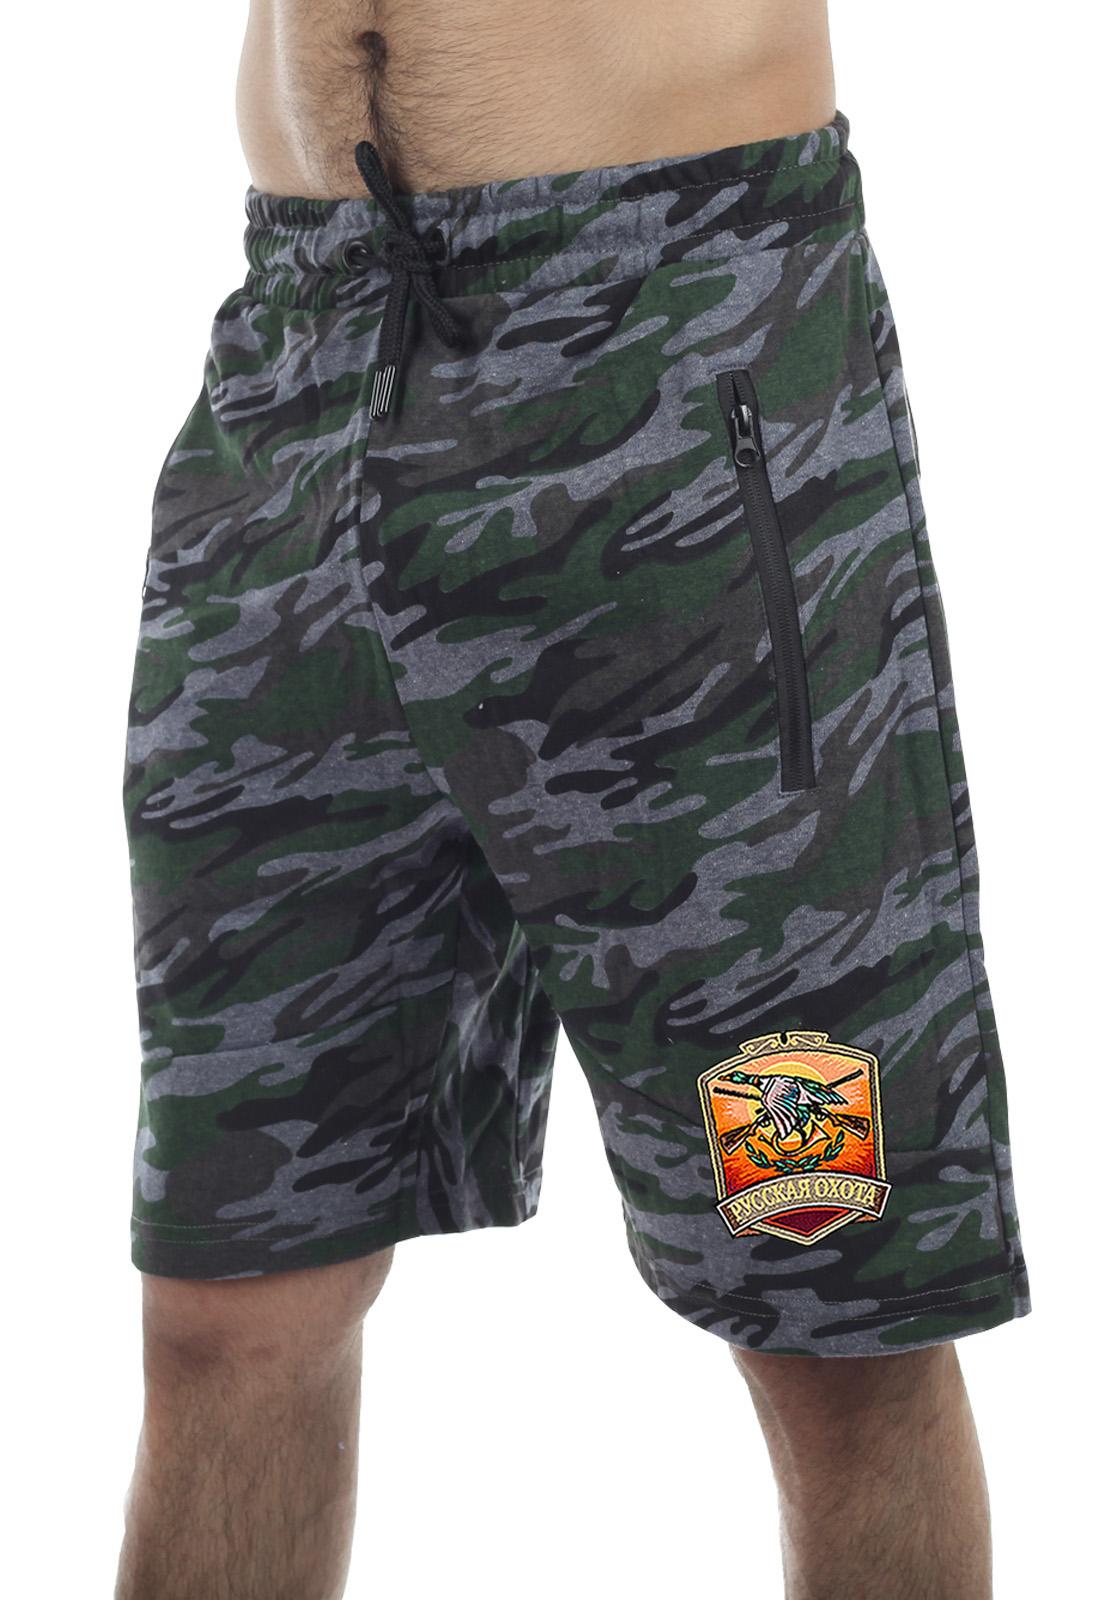 Купить надежные зачетные шорты с нашивкой Русская Охота в подарок мужчине